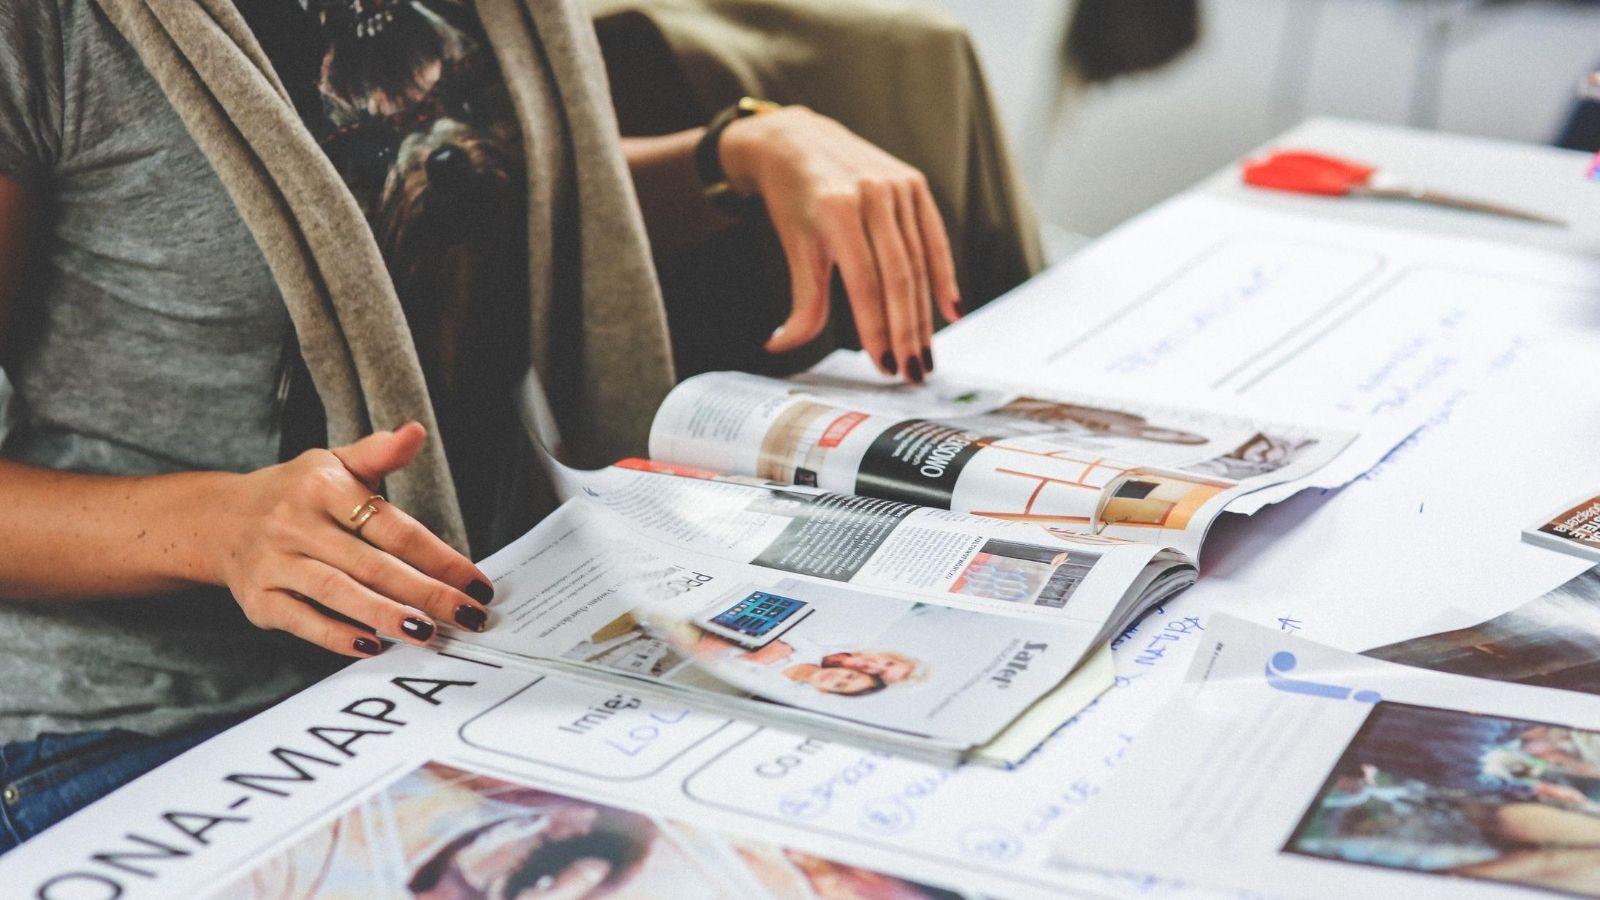 Kończy się era gazetek w skrzynkach pocztowych? [BADANIE] Lidl medairun gazetka reklamowa